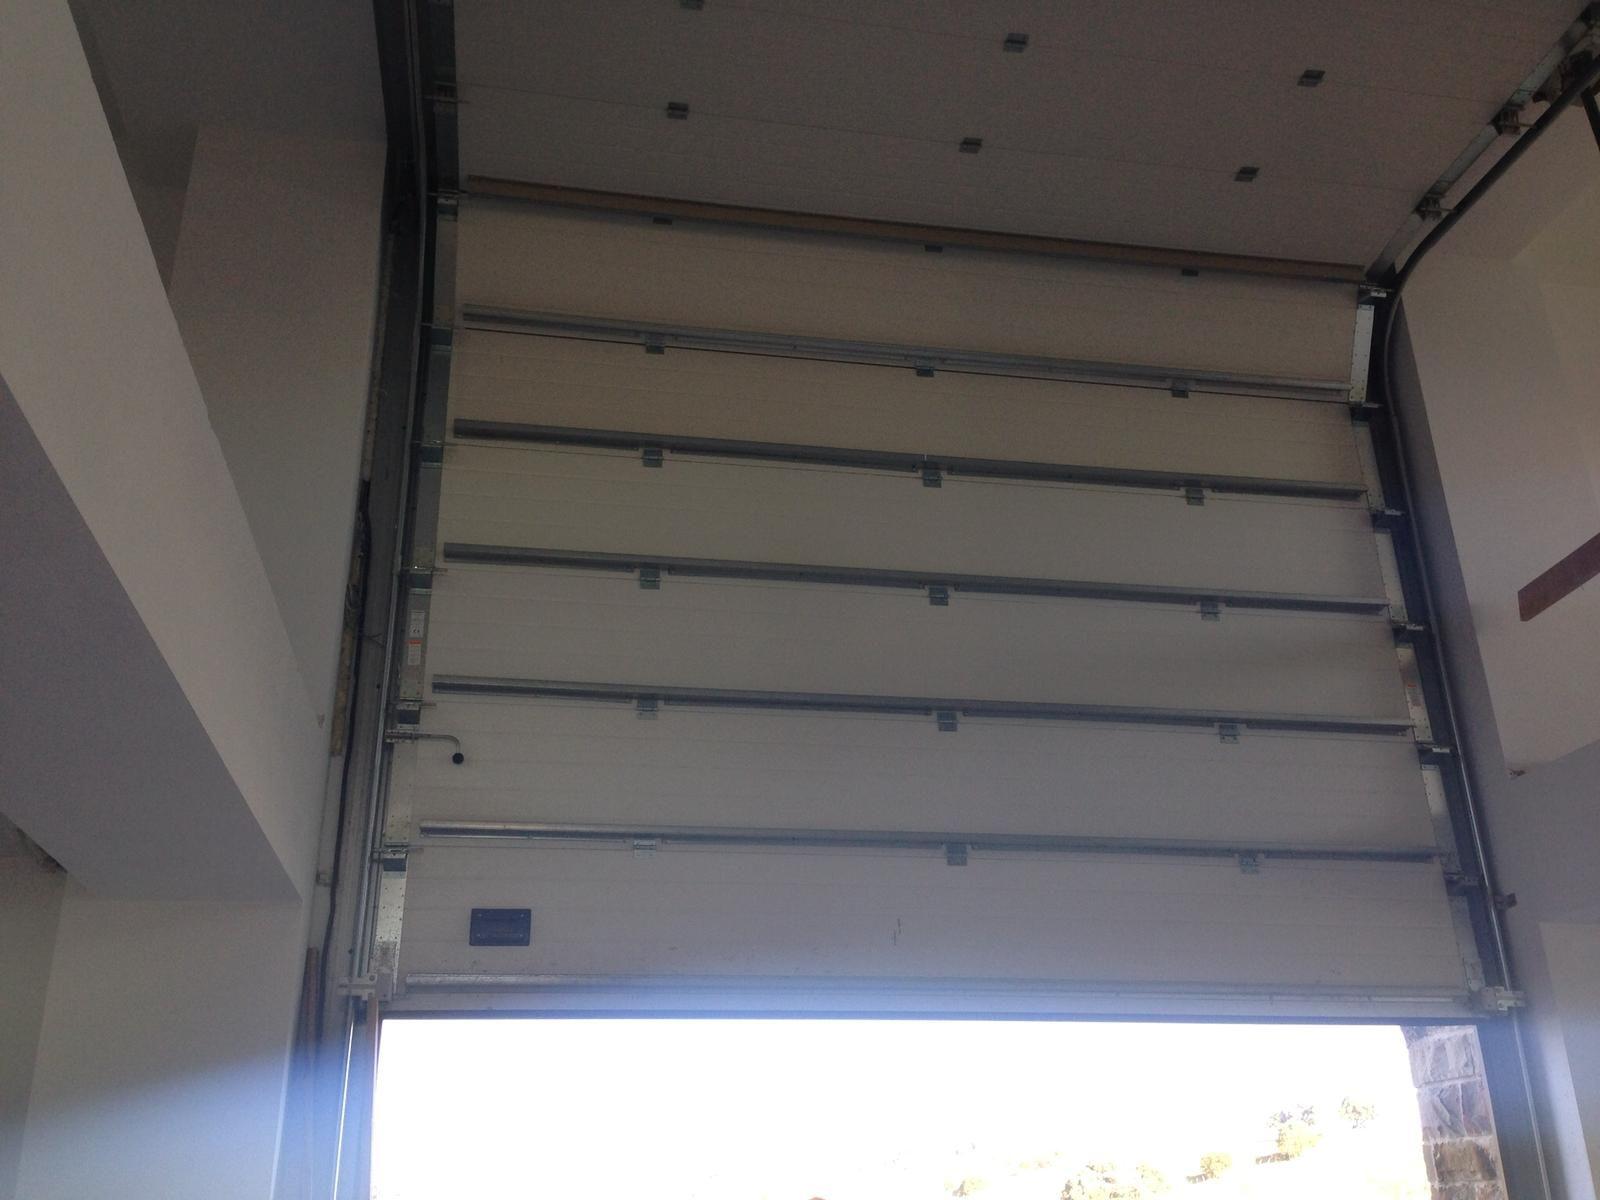 Venta, instalación y reparación de persianas automáticas en Bilbao